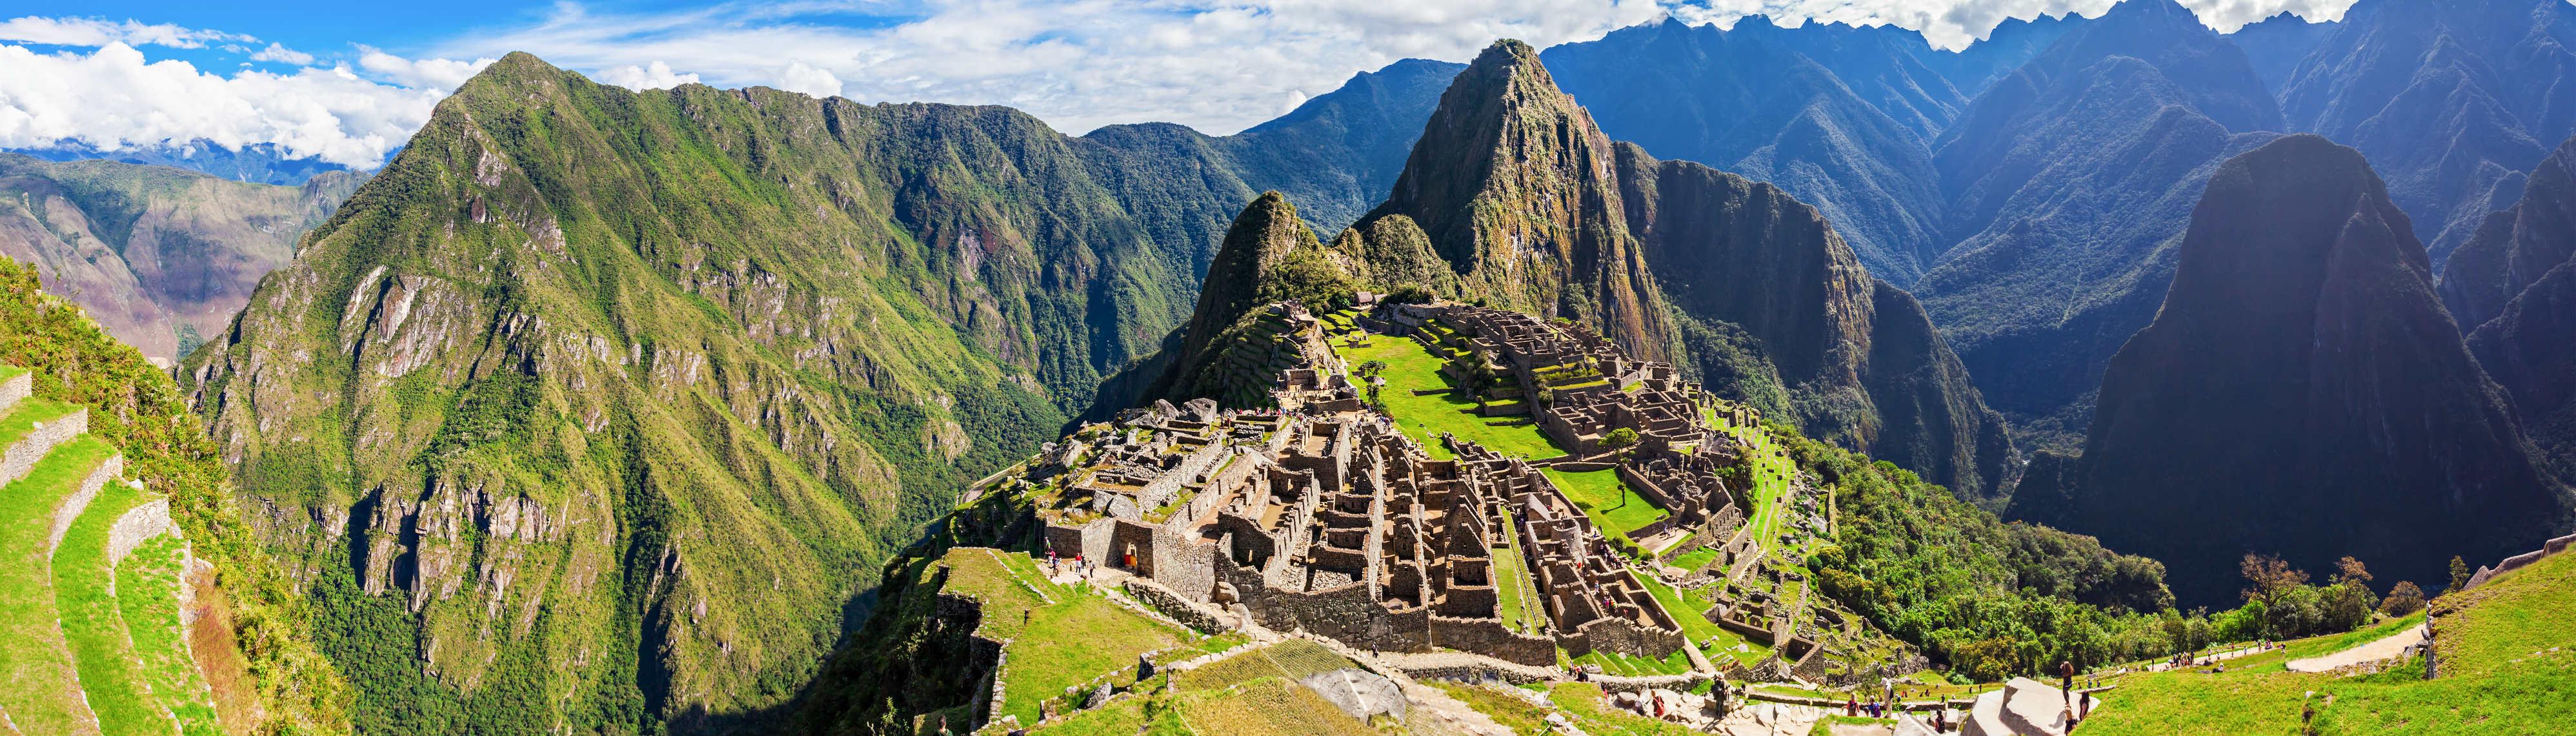 Tren a Machu Picchu y horarios de visitas ¿lo conocías? 4